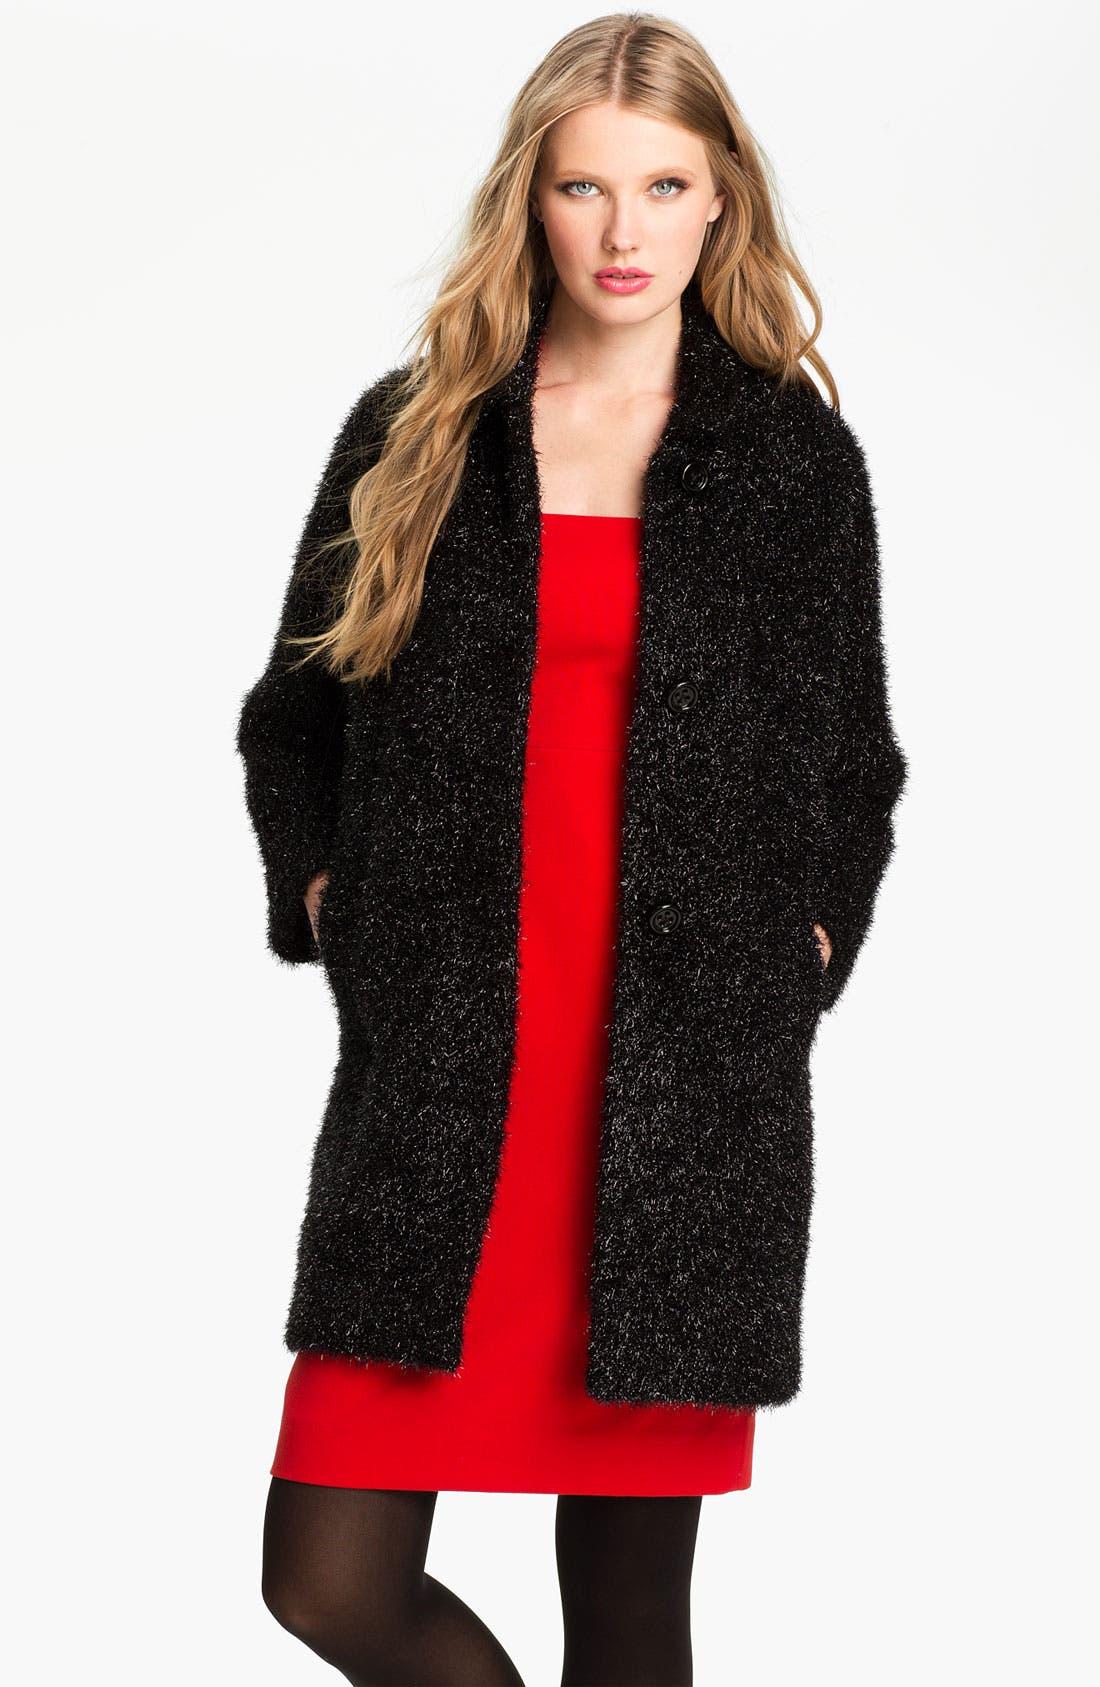 Alternate Image 1 Selected - kate spade new york 'linda' coat